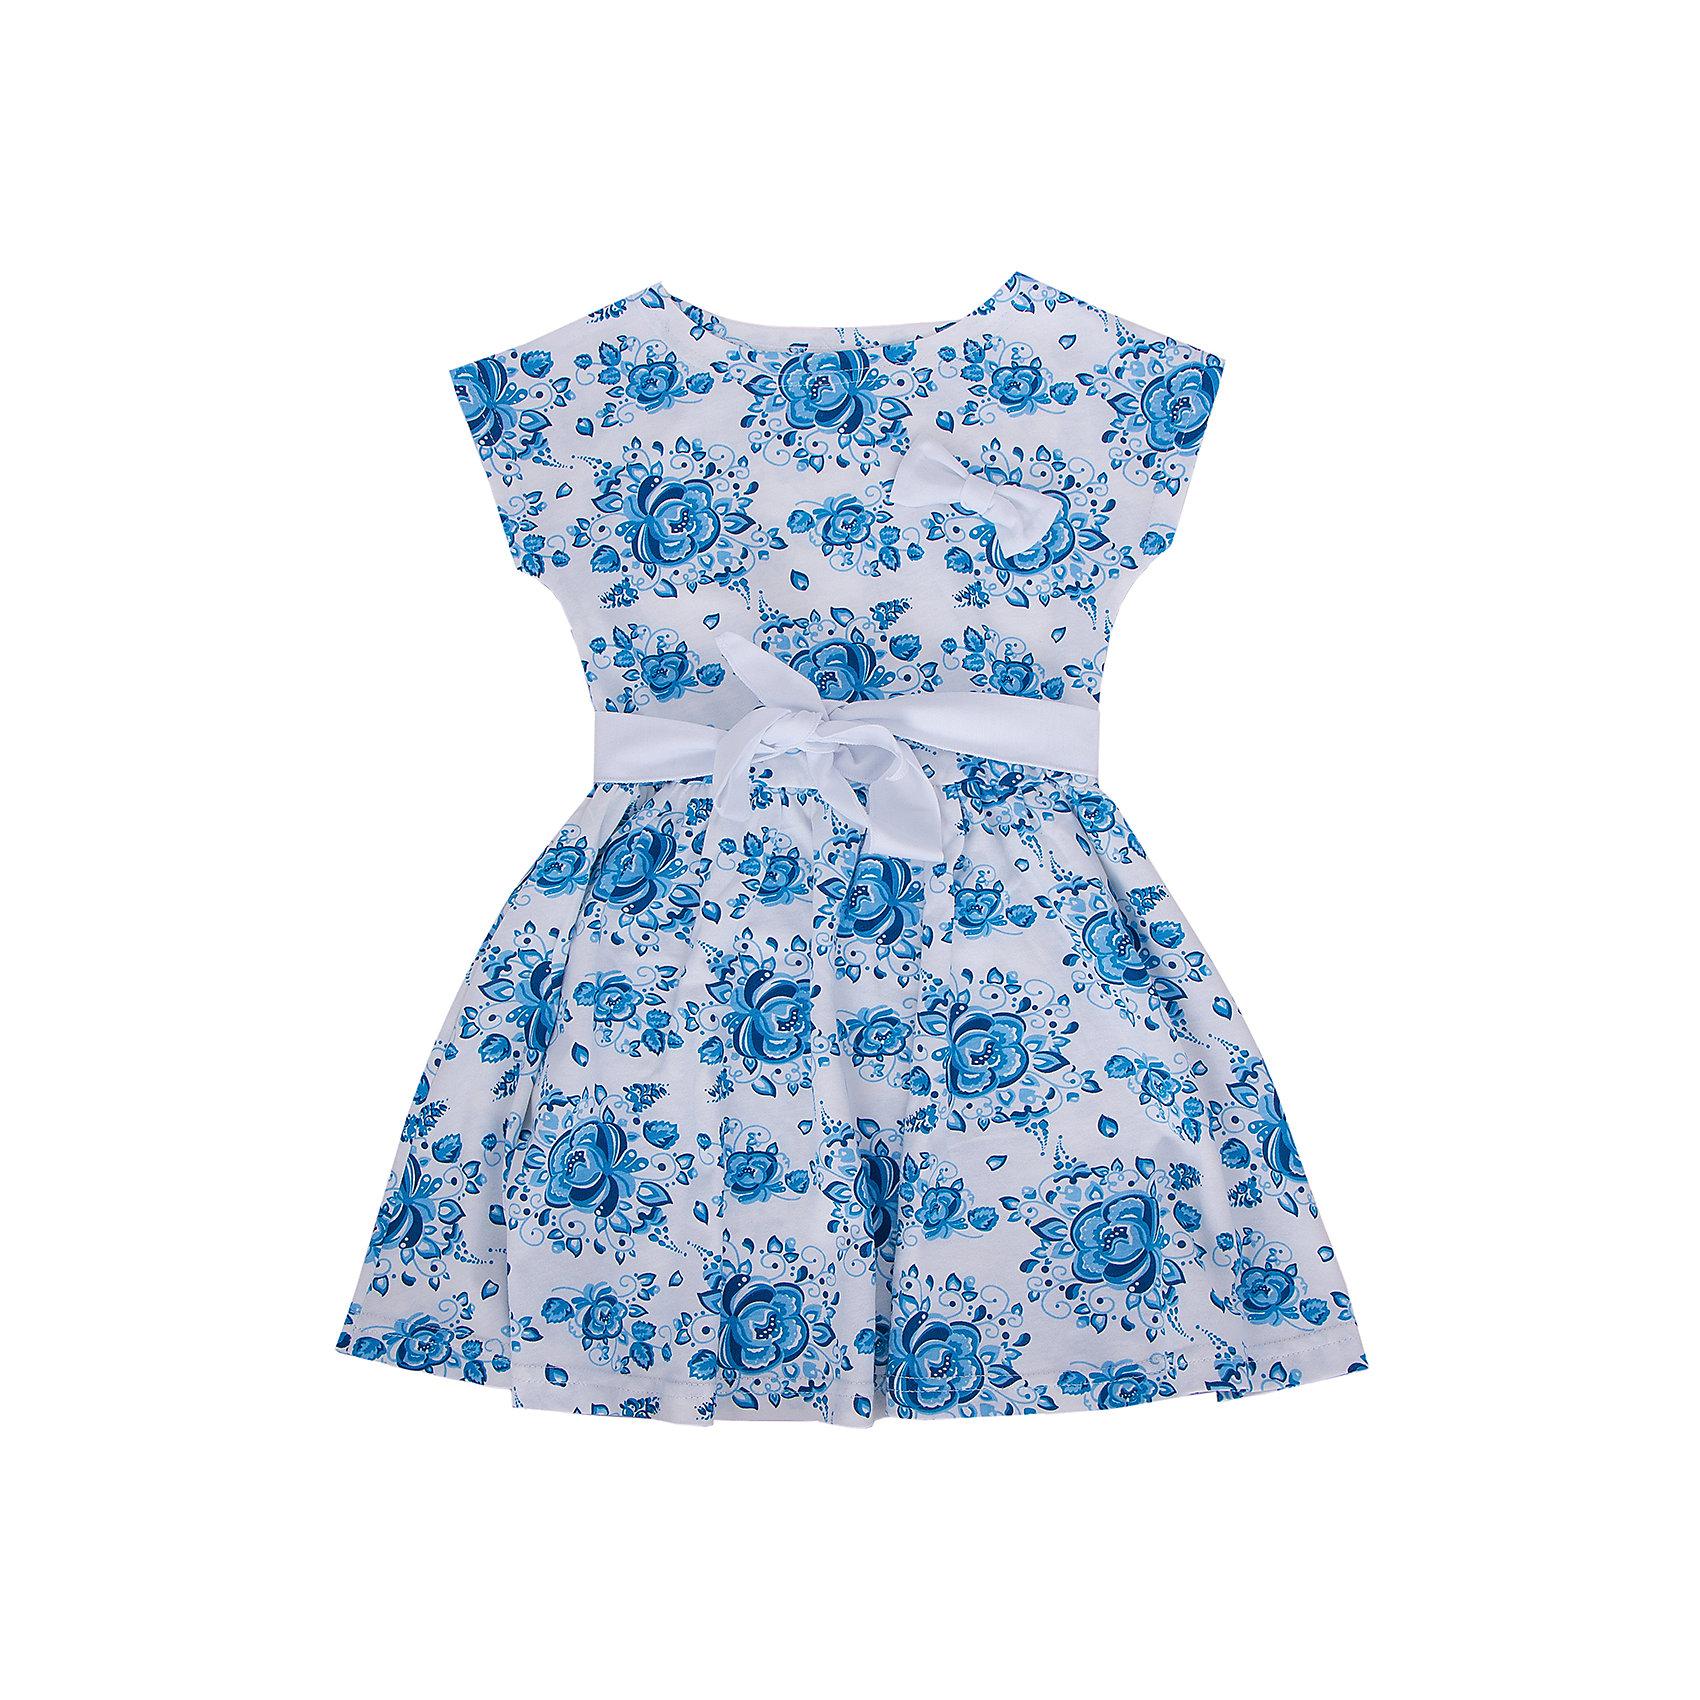 Платье АпрельПлатья и сарафаны<br>Очаровательное платьишко из мягкого хлопка. Приятное на ощупь, не сковывает движения, обеспечивая наибольший комфорт. Изделие без рукавов, для придания элегантного силуэта по линии талии вставлена резинка, декорировано дизайнерской набивкой. Контрастный пояс и съемная брошь-бантик прекрасно завершат образ. Отличный вариант для маленькой модницы как на праздник, так и на каждый день! Рекомендуется деликатная машинная стирка без предварительного замачивания. Состав: 100% хлопок<br><br>Ширина мм: 236<br>Глубина мм: 16<br>Высота мм: 184<br>Вес г: 177<br>Цвет: синий<br>Возраст от месяцев: 108<br>Возраст до месяцев: 120<br>Пол: Женский<br>Возраст: Детский<br>Размер: 140,110,128,98,134,122,116,104<br>SKU: 4630609